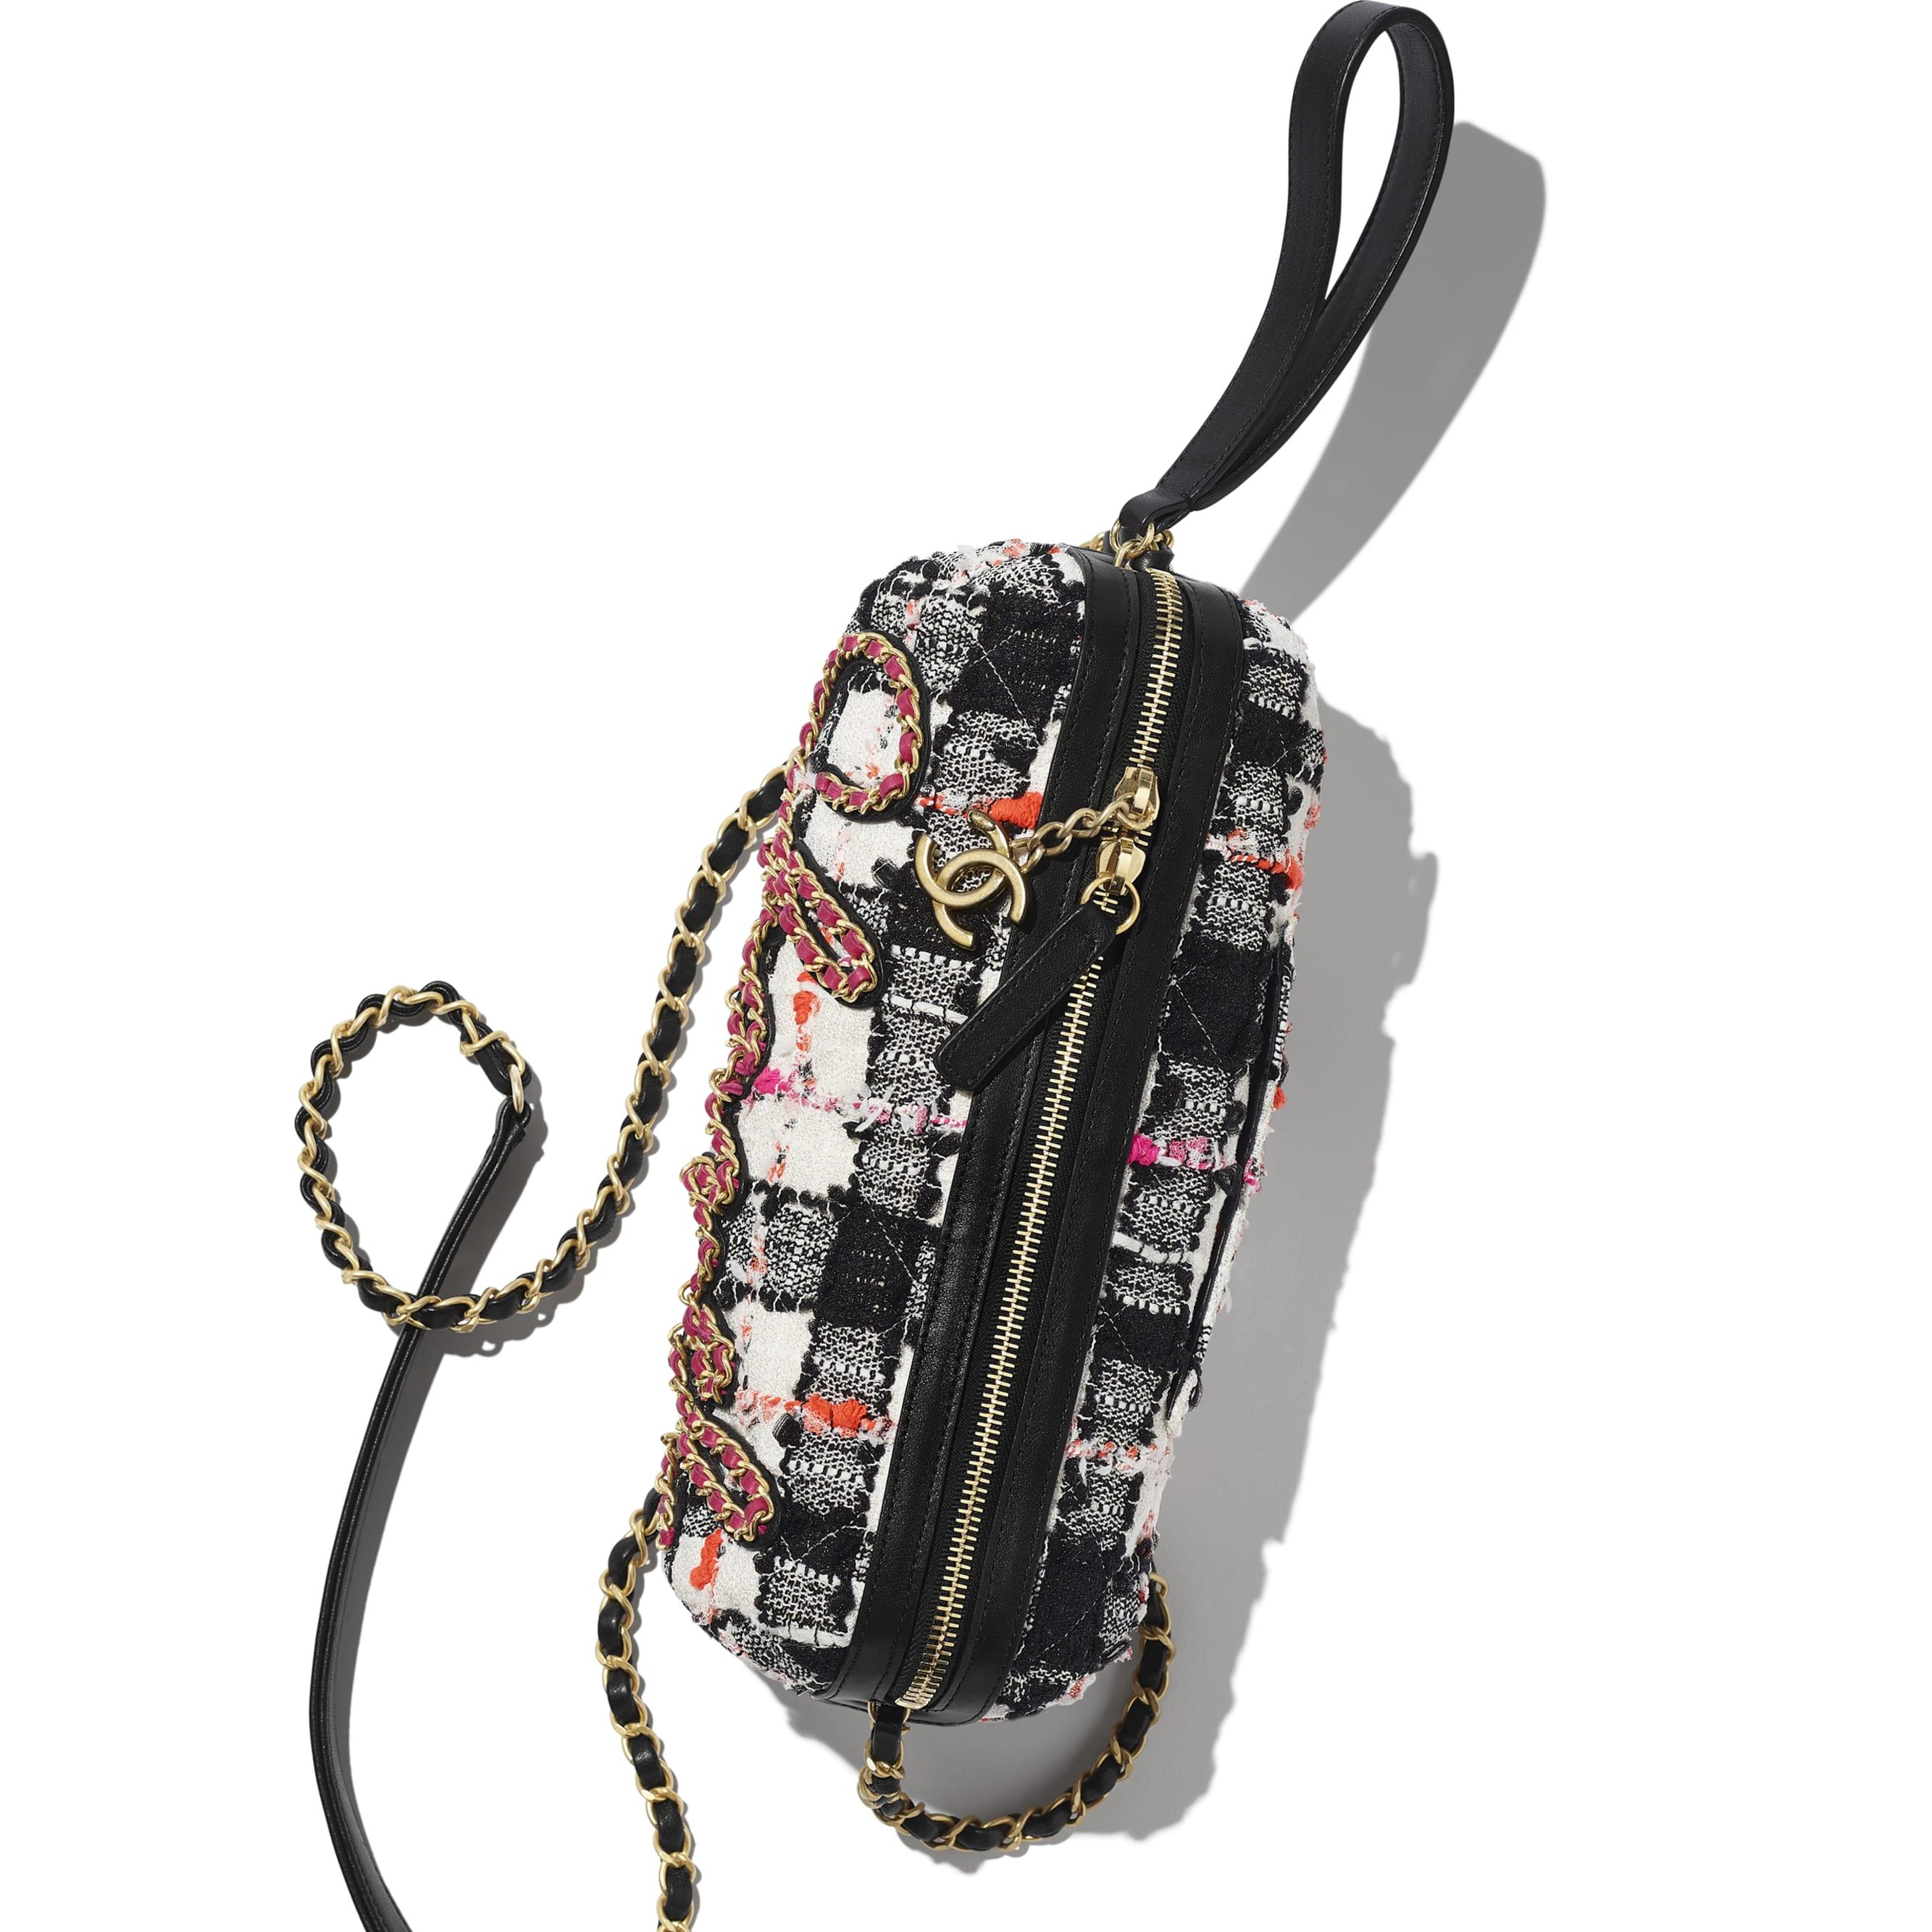 Bolsa Bowling - White, Black, Pink & Orange - Tweed, Calfskin & Gold-Tone Metal - CHANEL - Vista extra - ver a versão em tamanho standard